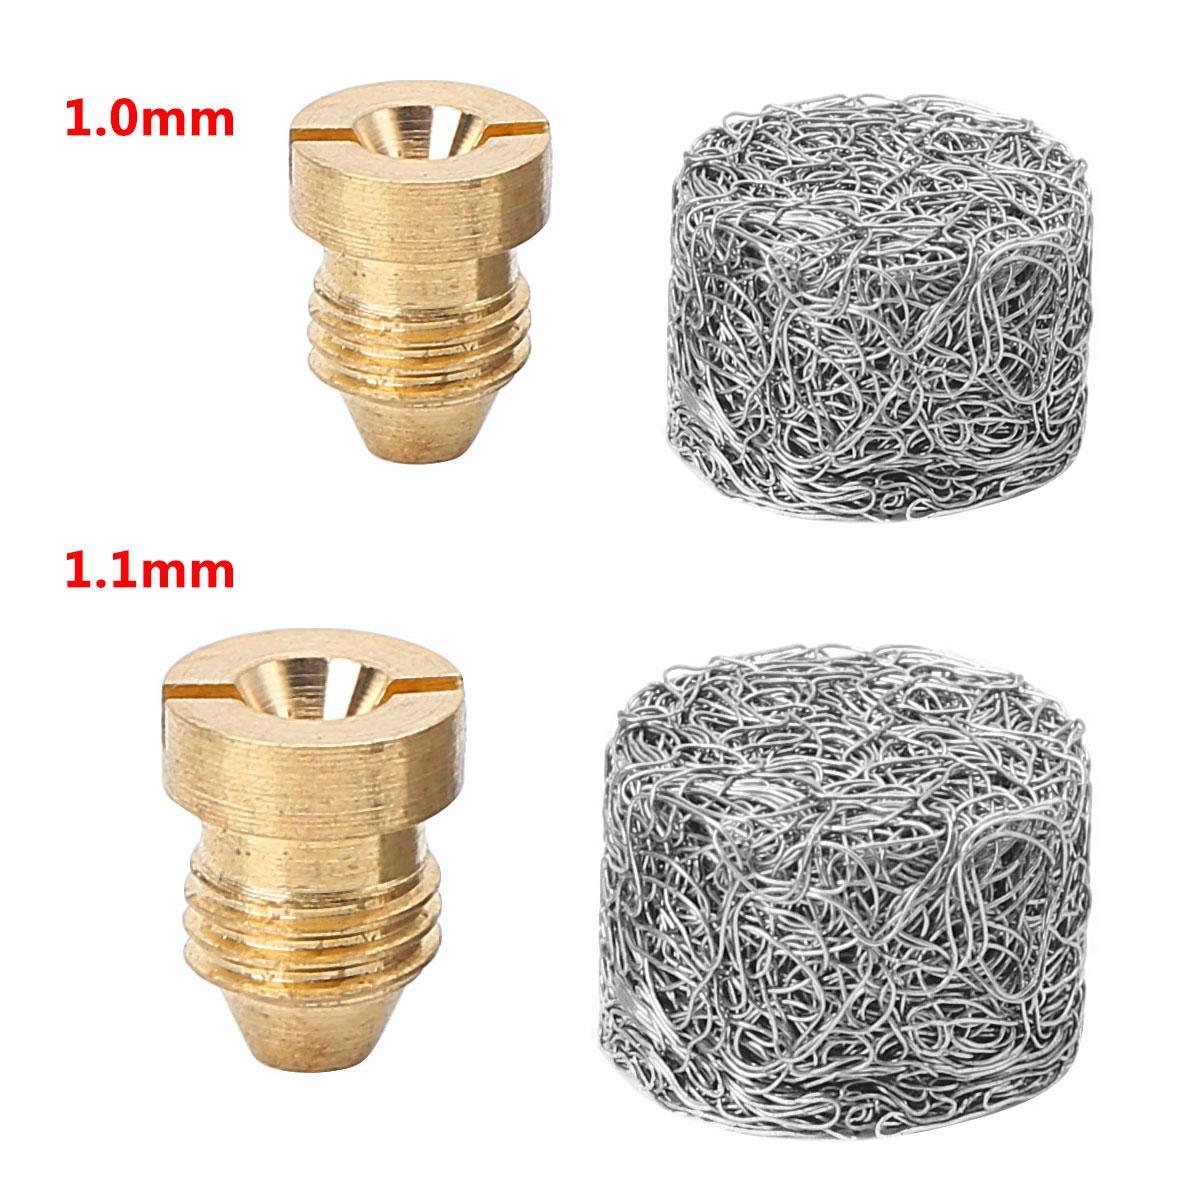 Bocal orifício para rosca de 1.0mm/1.1mm, conjunto de filtro de aço inoxidável para fabricante de espuma lança de espuma de neve